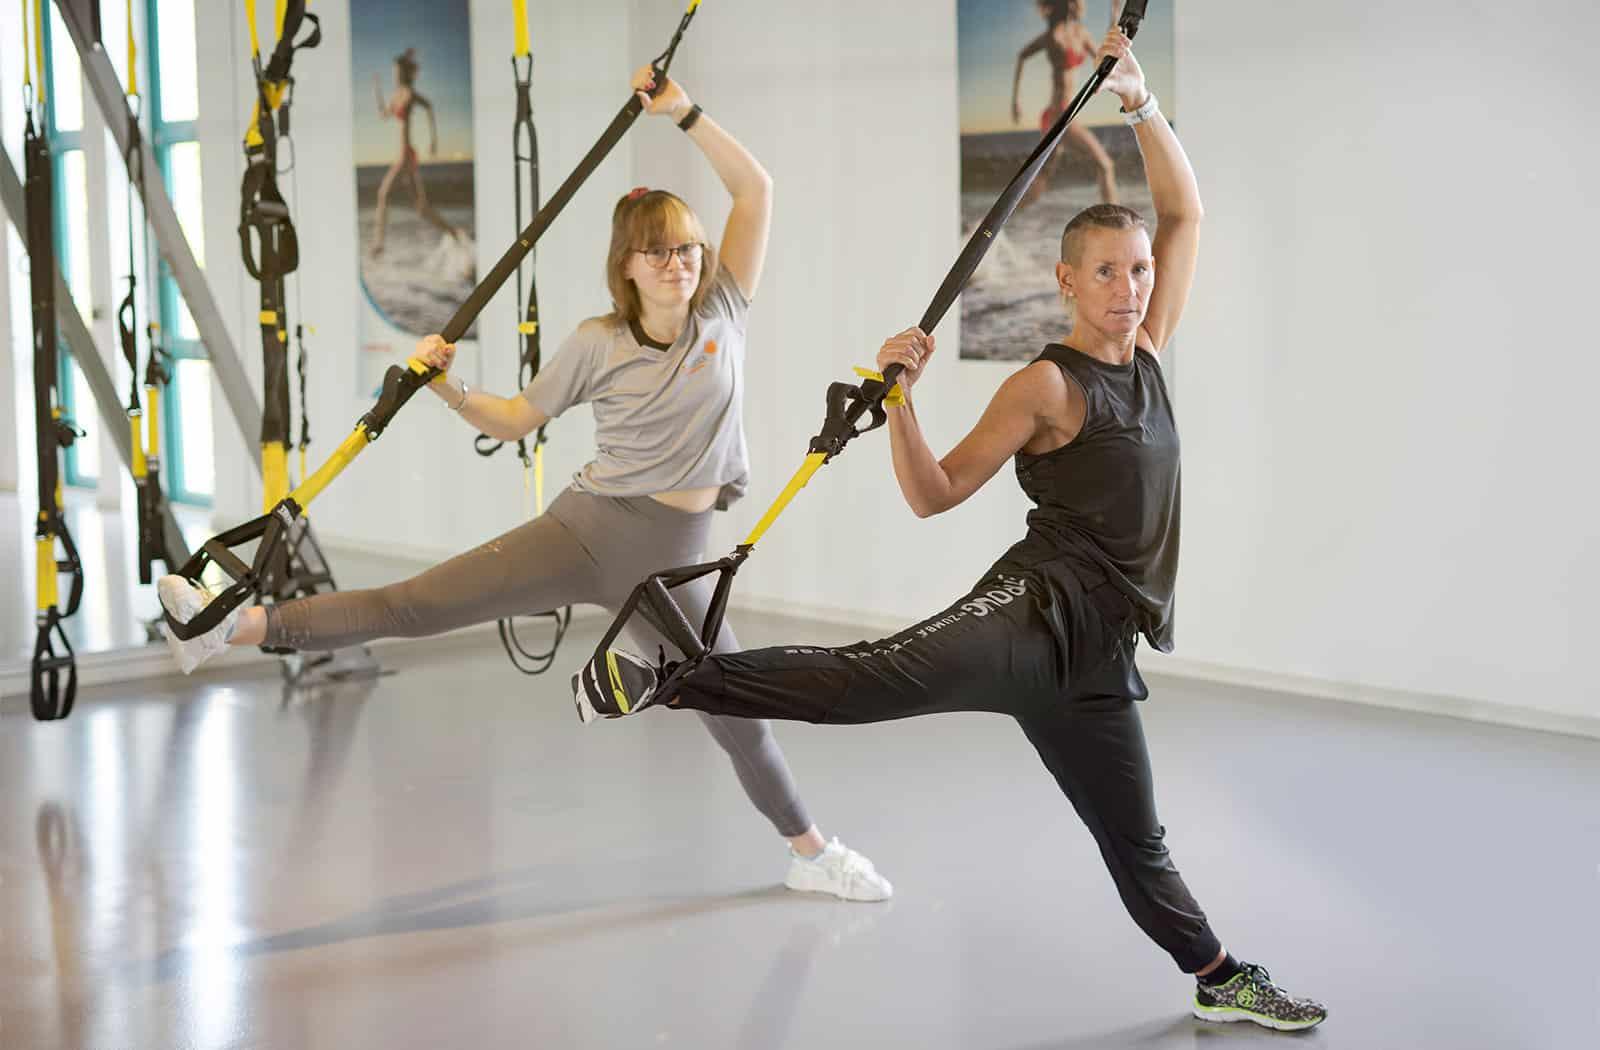 Die Schlingen des TRX Suspension Systems unterstützen den Sportler beim ausführen yogatypischer Posen. Ergänzt werden die gymnastischen Elemente durch kräftigende Übungen.